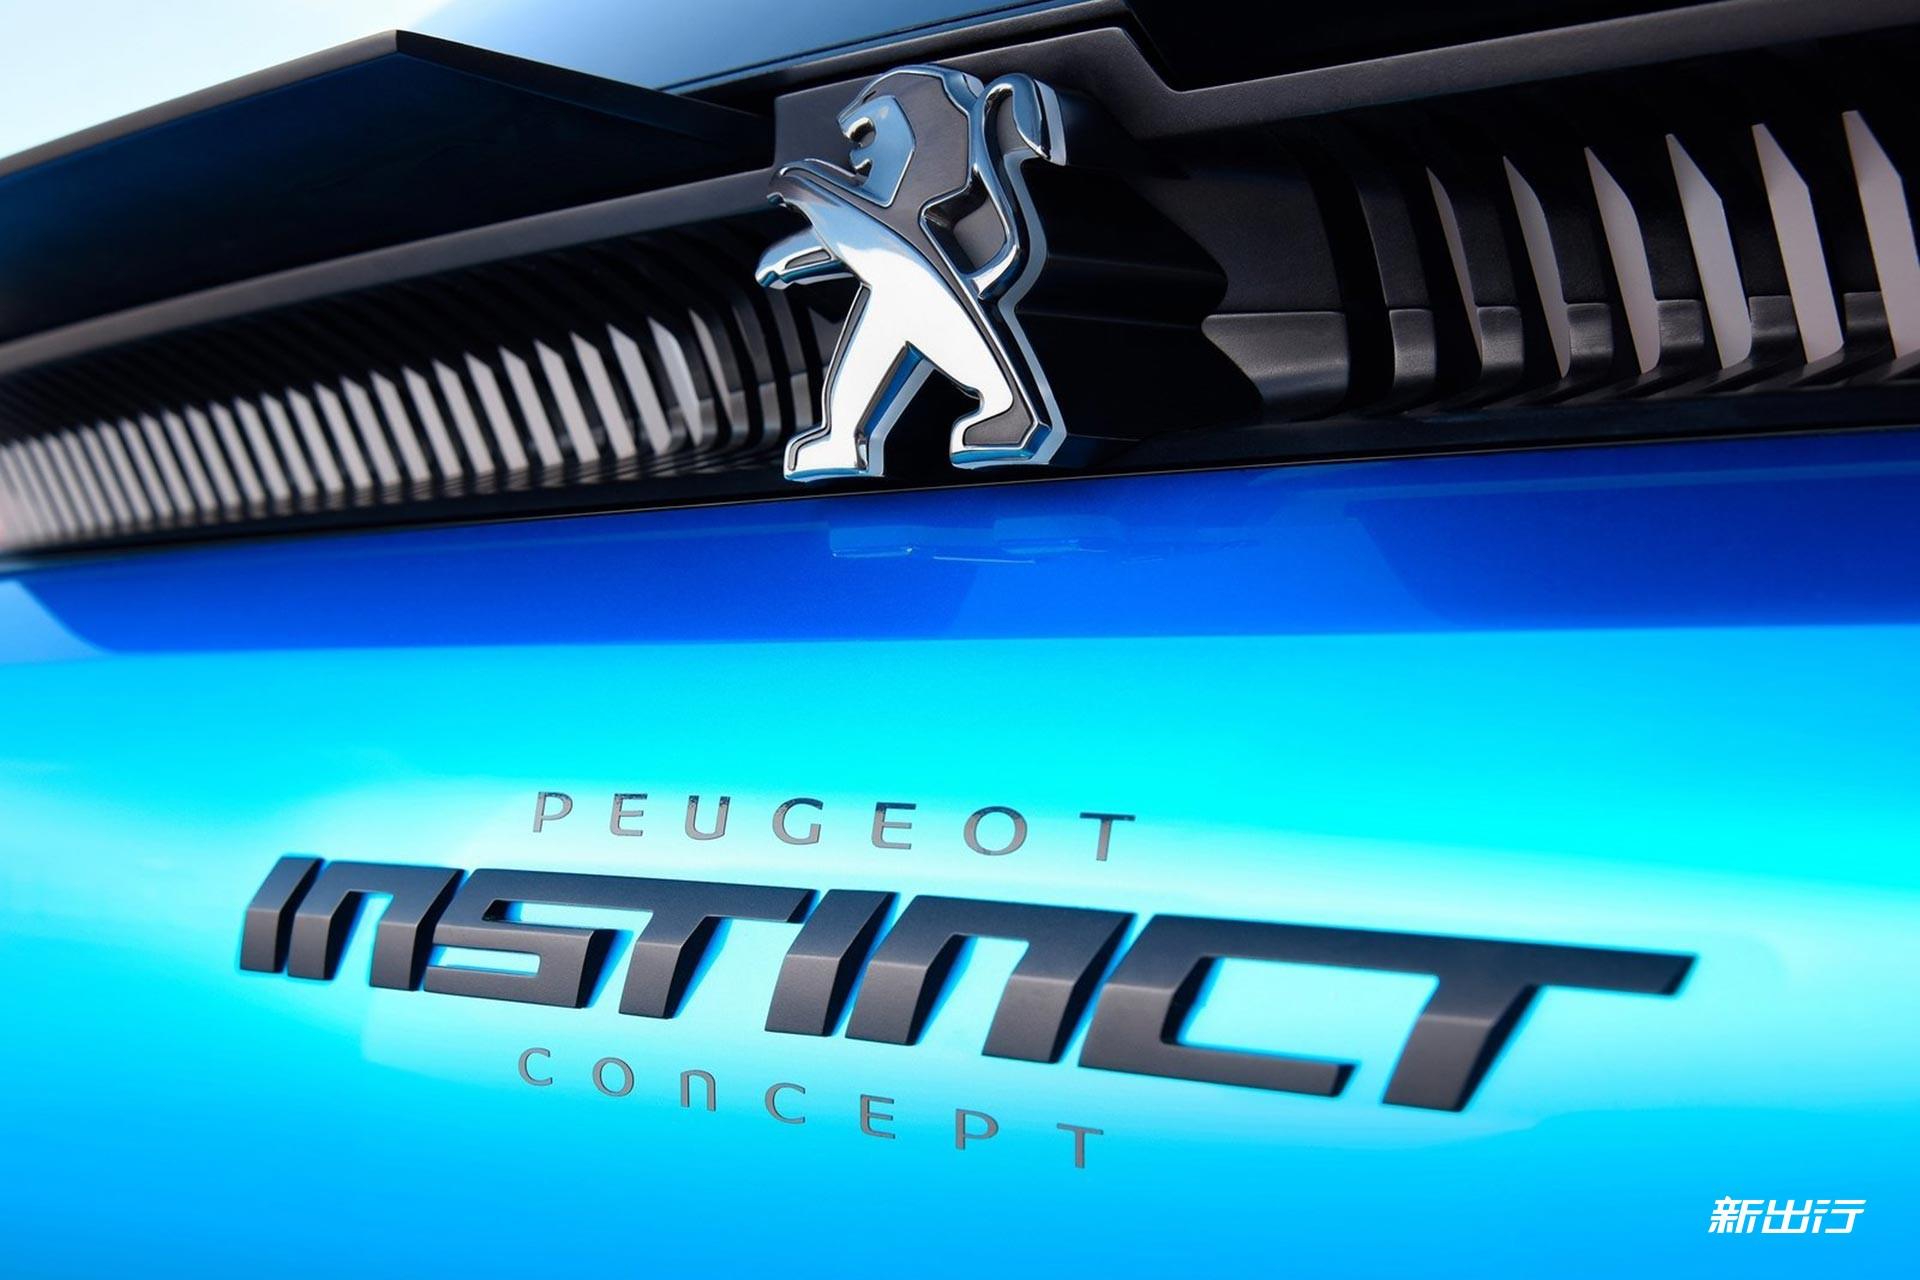 Peugeot-Instinct_Concept-2017-1600-39.jpg